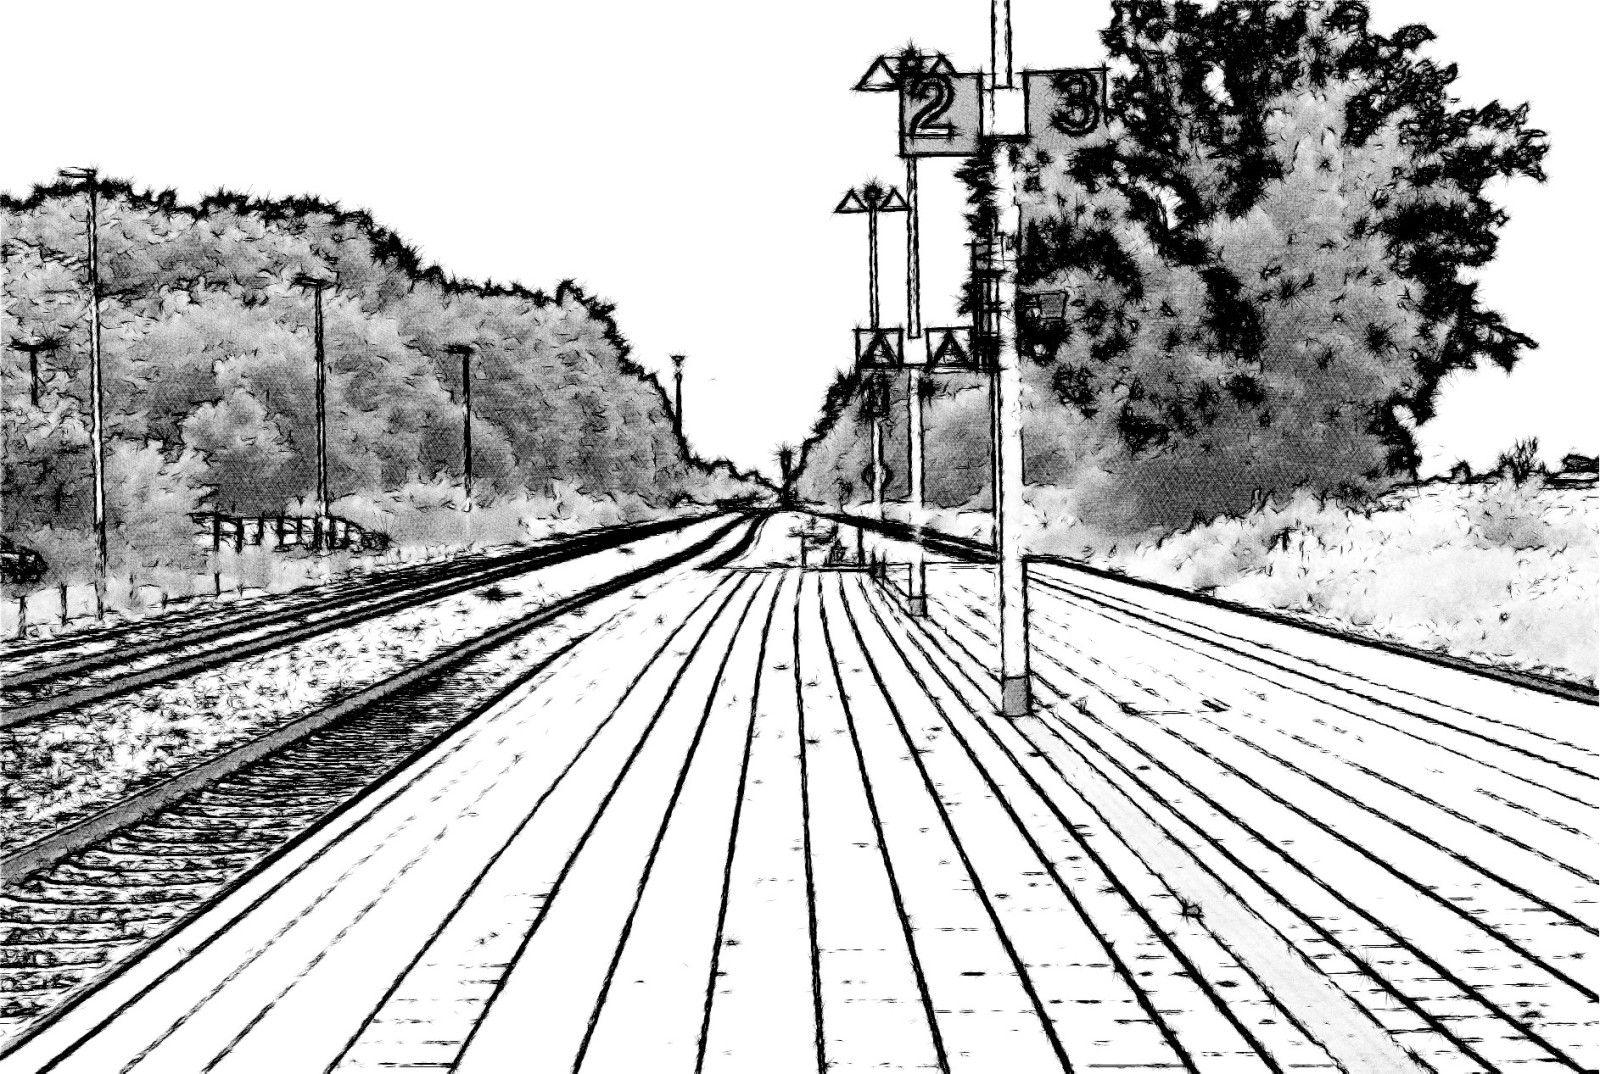 Malvorlagen Zug - Kostenlose Malvorlagen Ideen